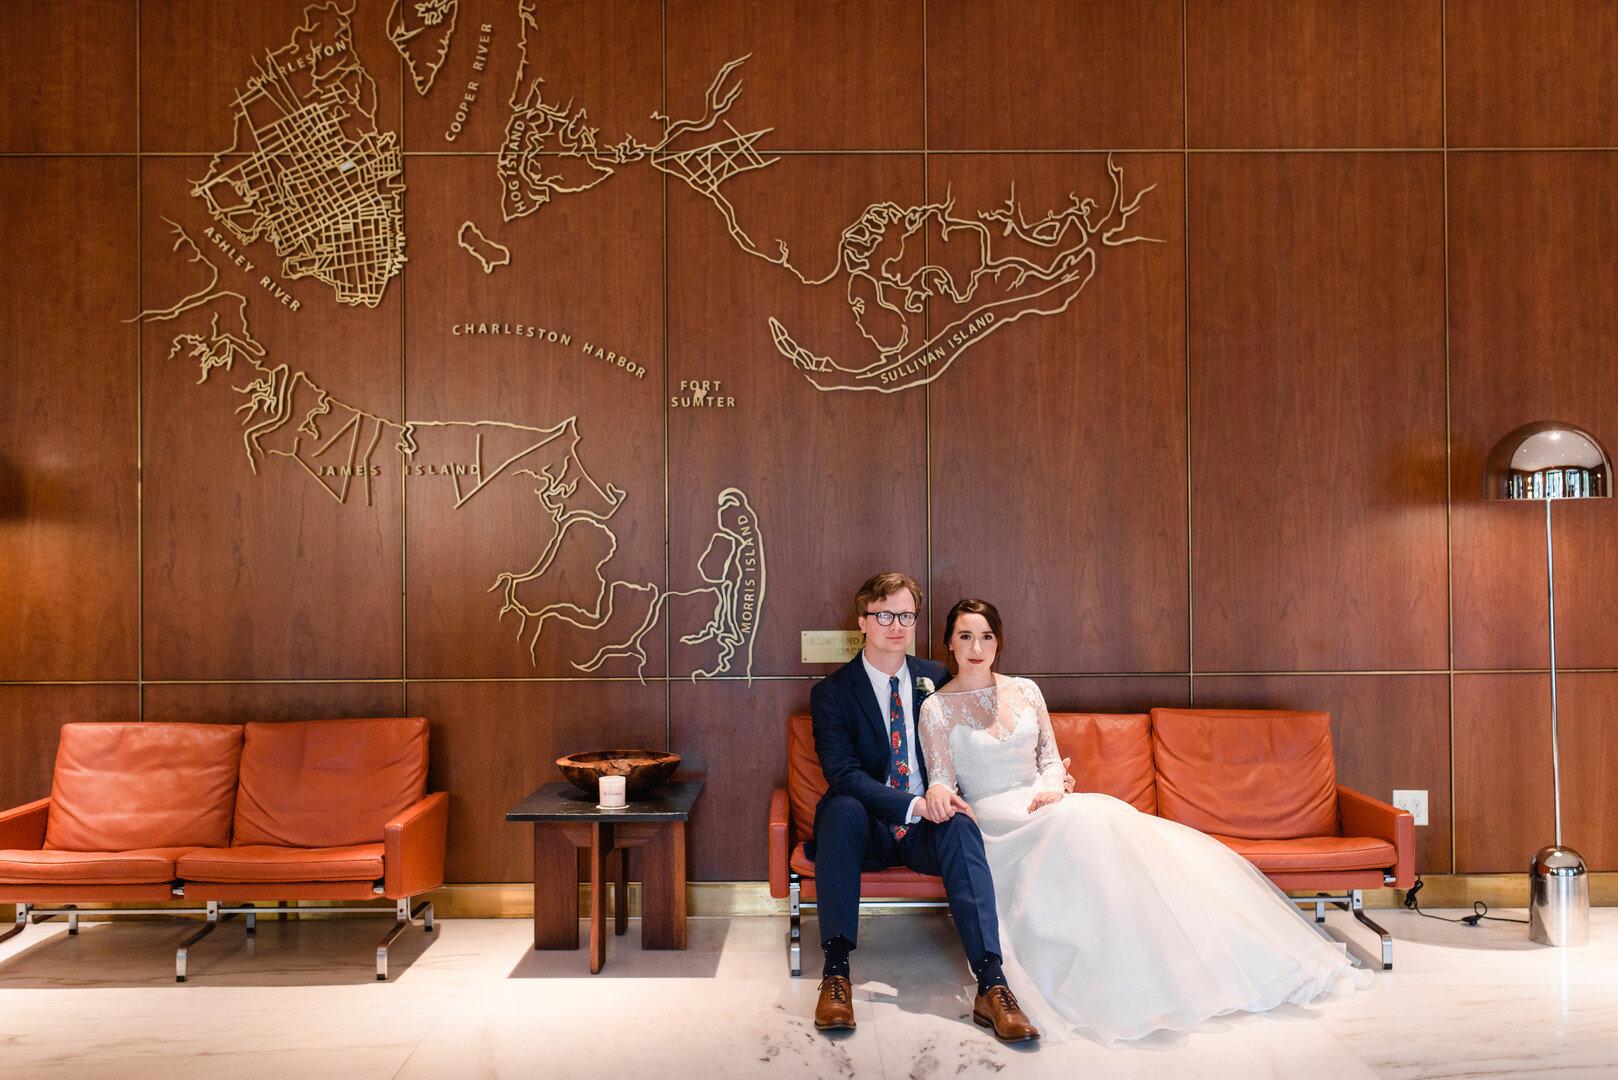 dewberry-hotel-wedding-1.JPG